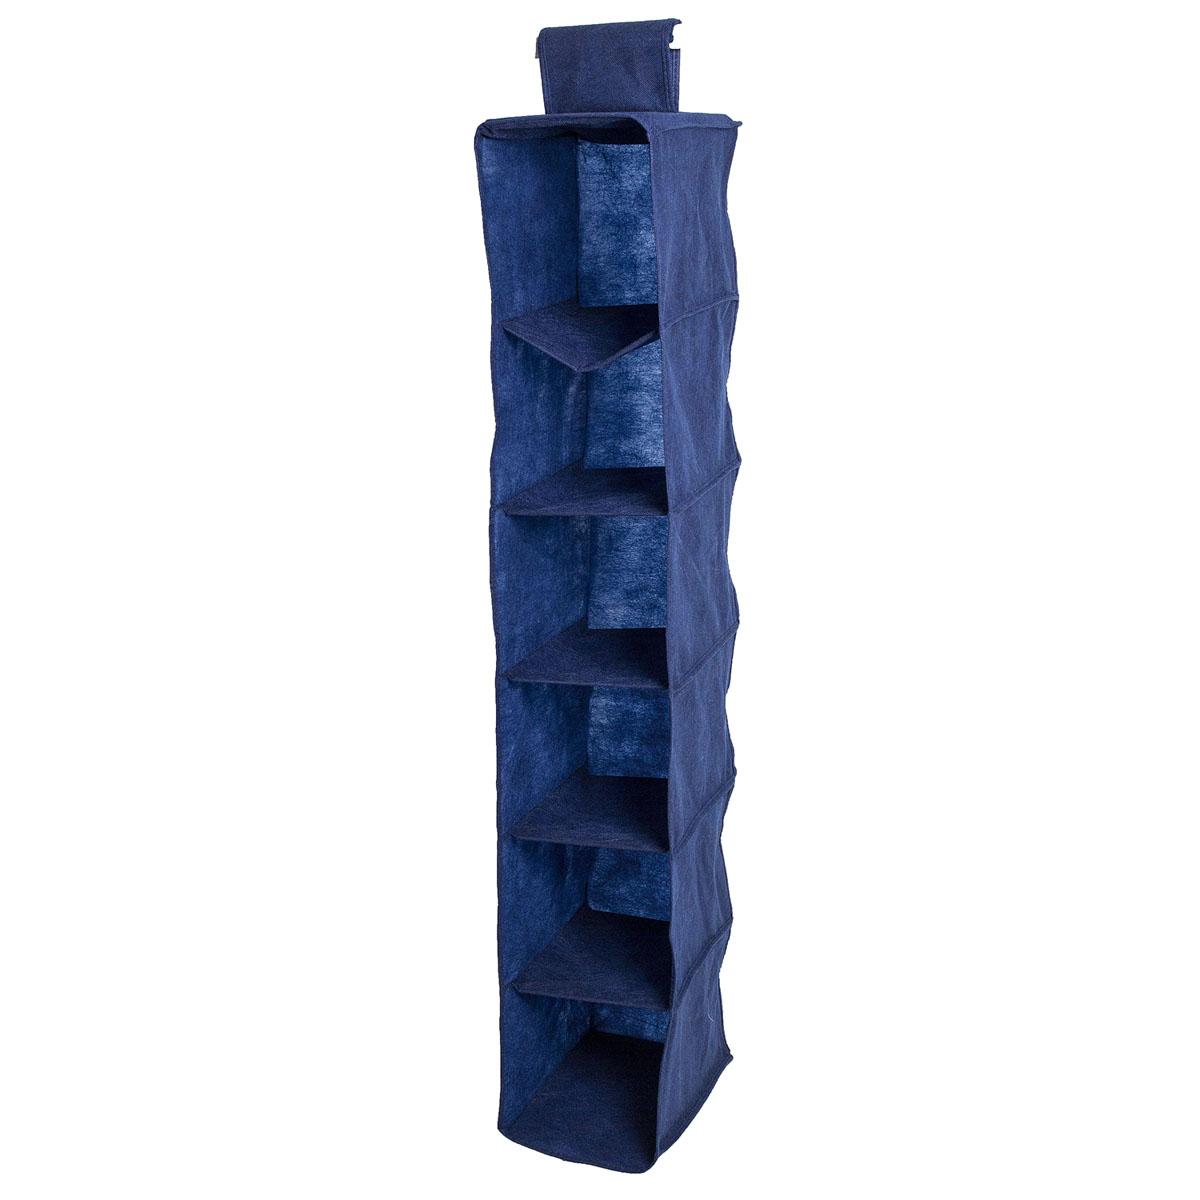 Органайзер подвесной Homsu Bluе Sky, 6 полок, 30 х 20 х 120 смHOM-127Подвесной органайзер Homsu Bluе Sky выполнен из прочного полиэстера - материала, который отличается прочностью, водоотталкивающими свойствами и практичностью. Изделие имеет 6 полок для хранения различных предметов, в том числе одежды, детских игрушек. Органайзер подвешивается к карнизу, рейлингу, стальным трубам и крепежам с помощью специальной петли. Размер полки: 30 х 20 см.